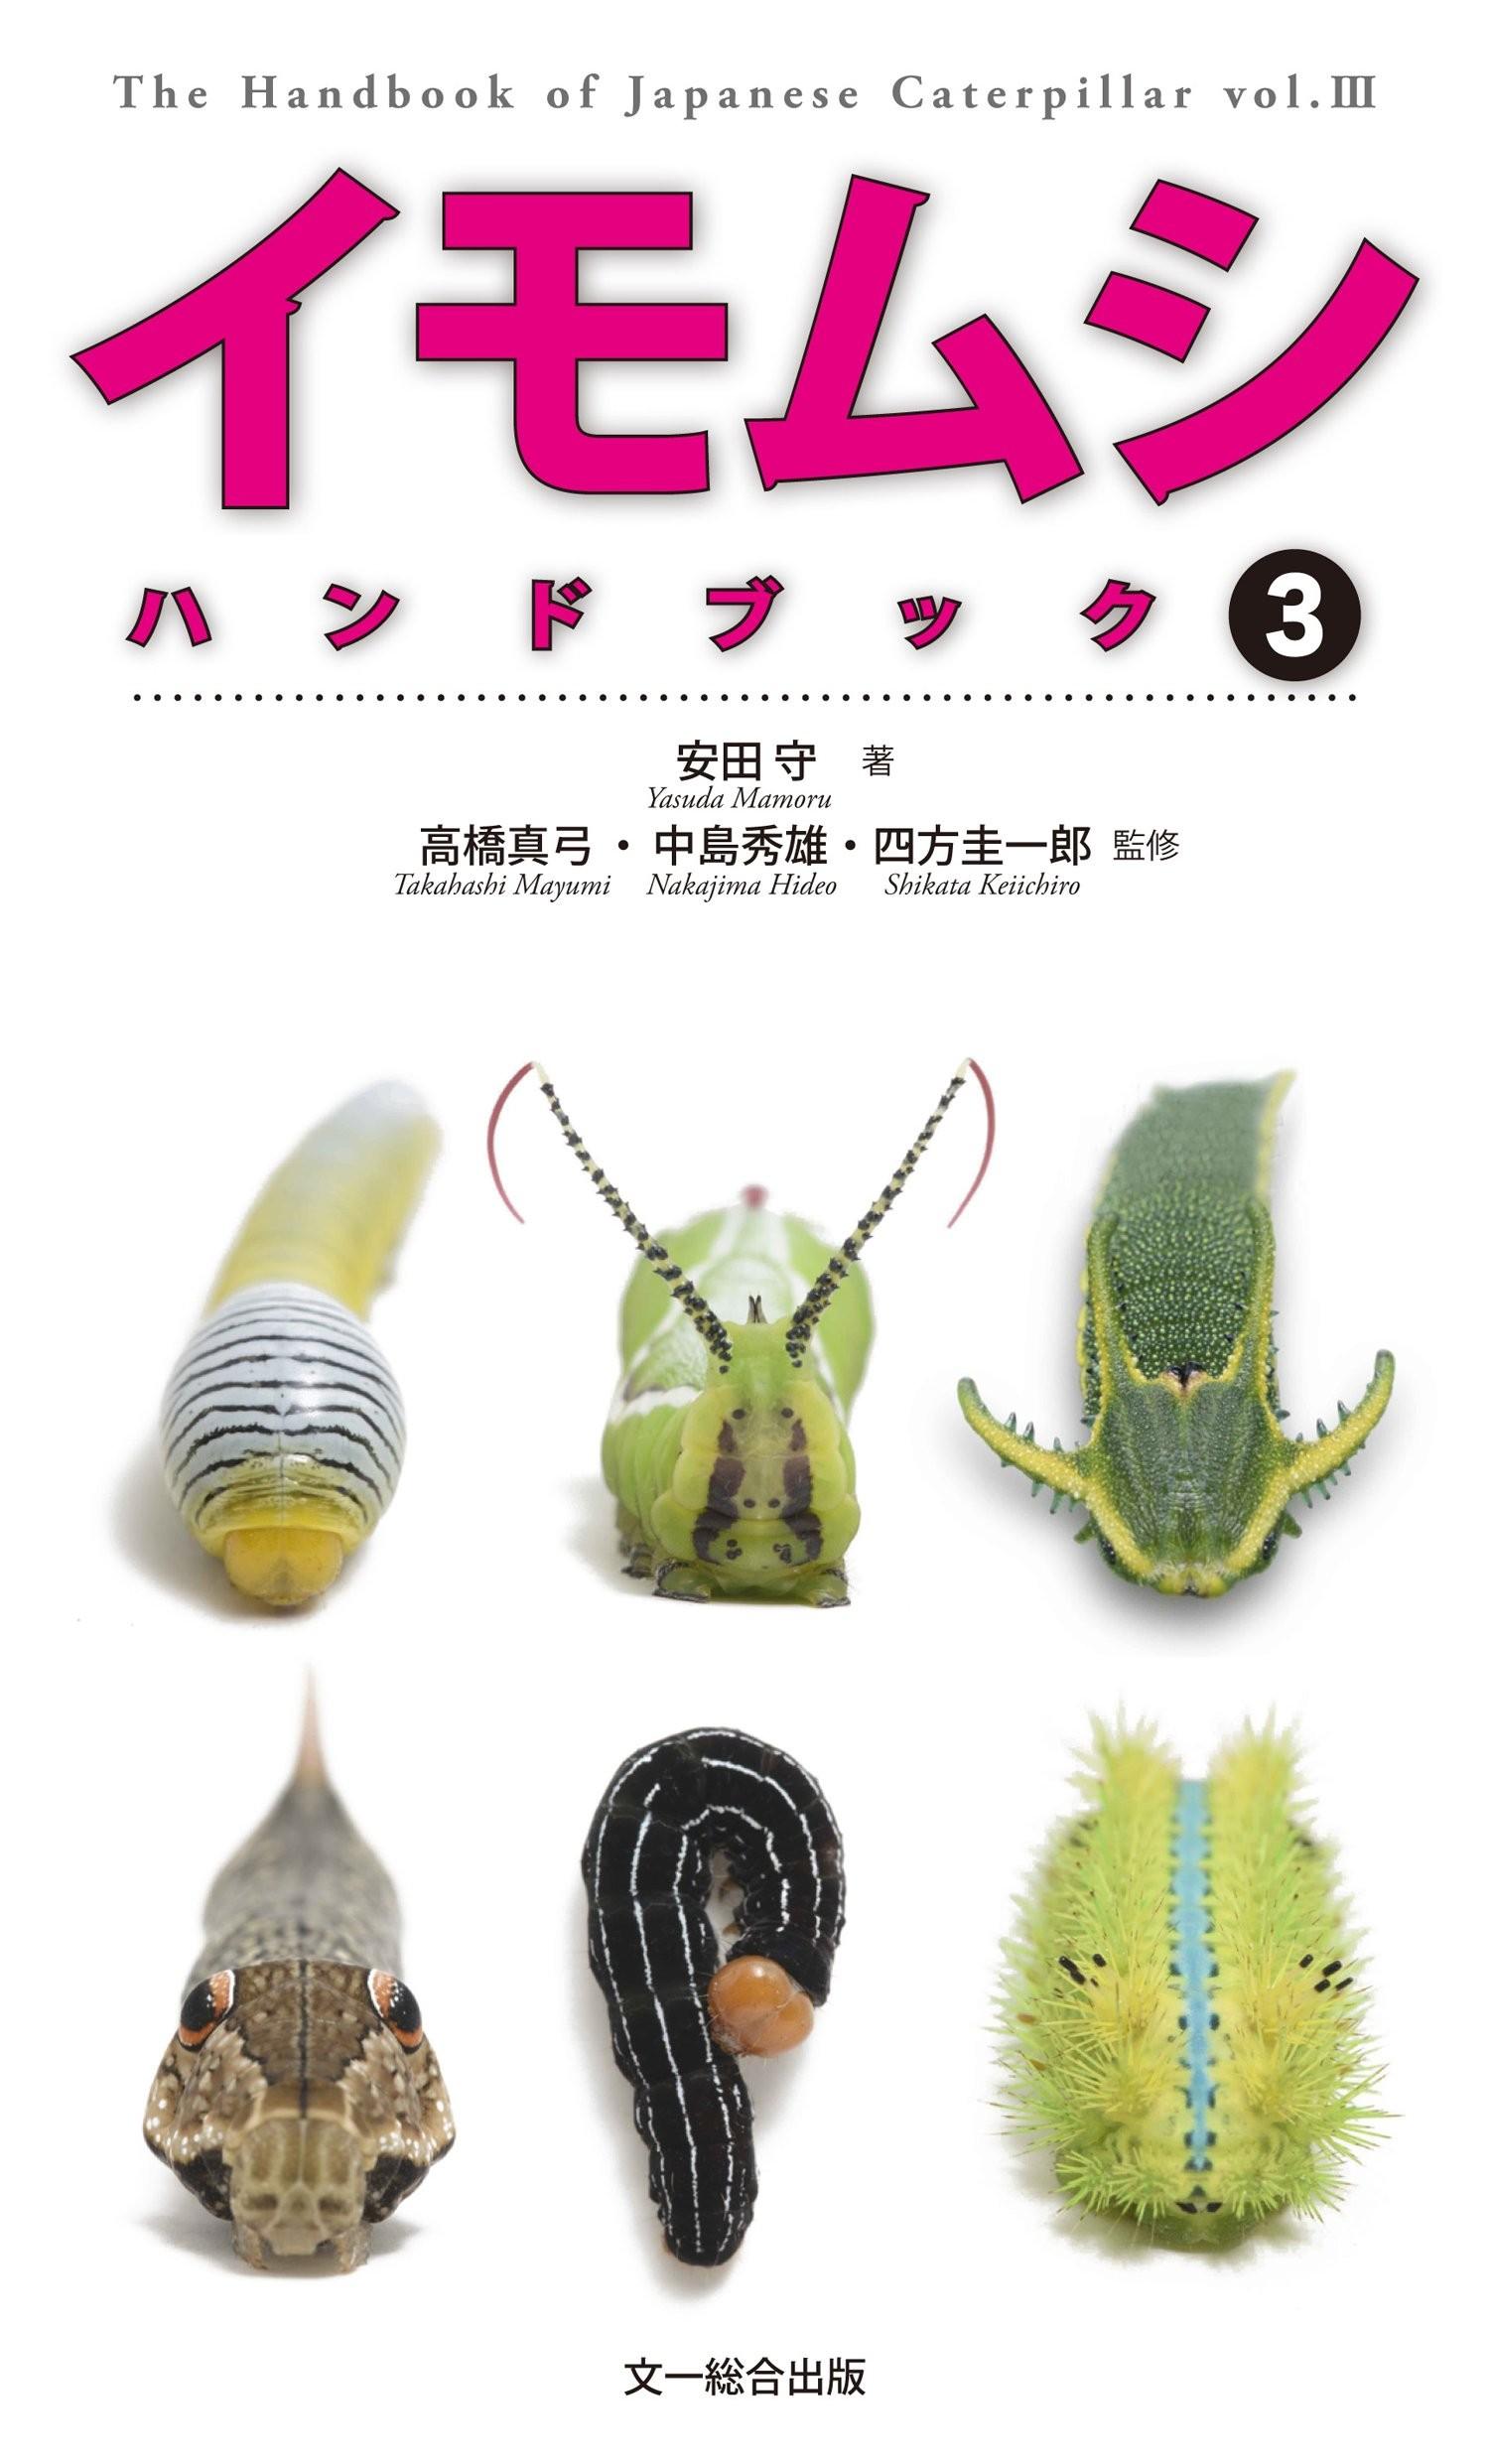 イモムシハンドブック3の画像